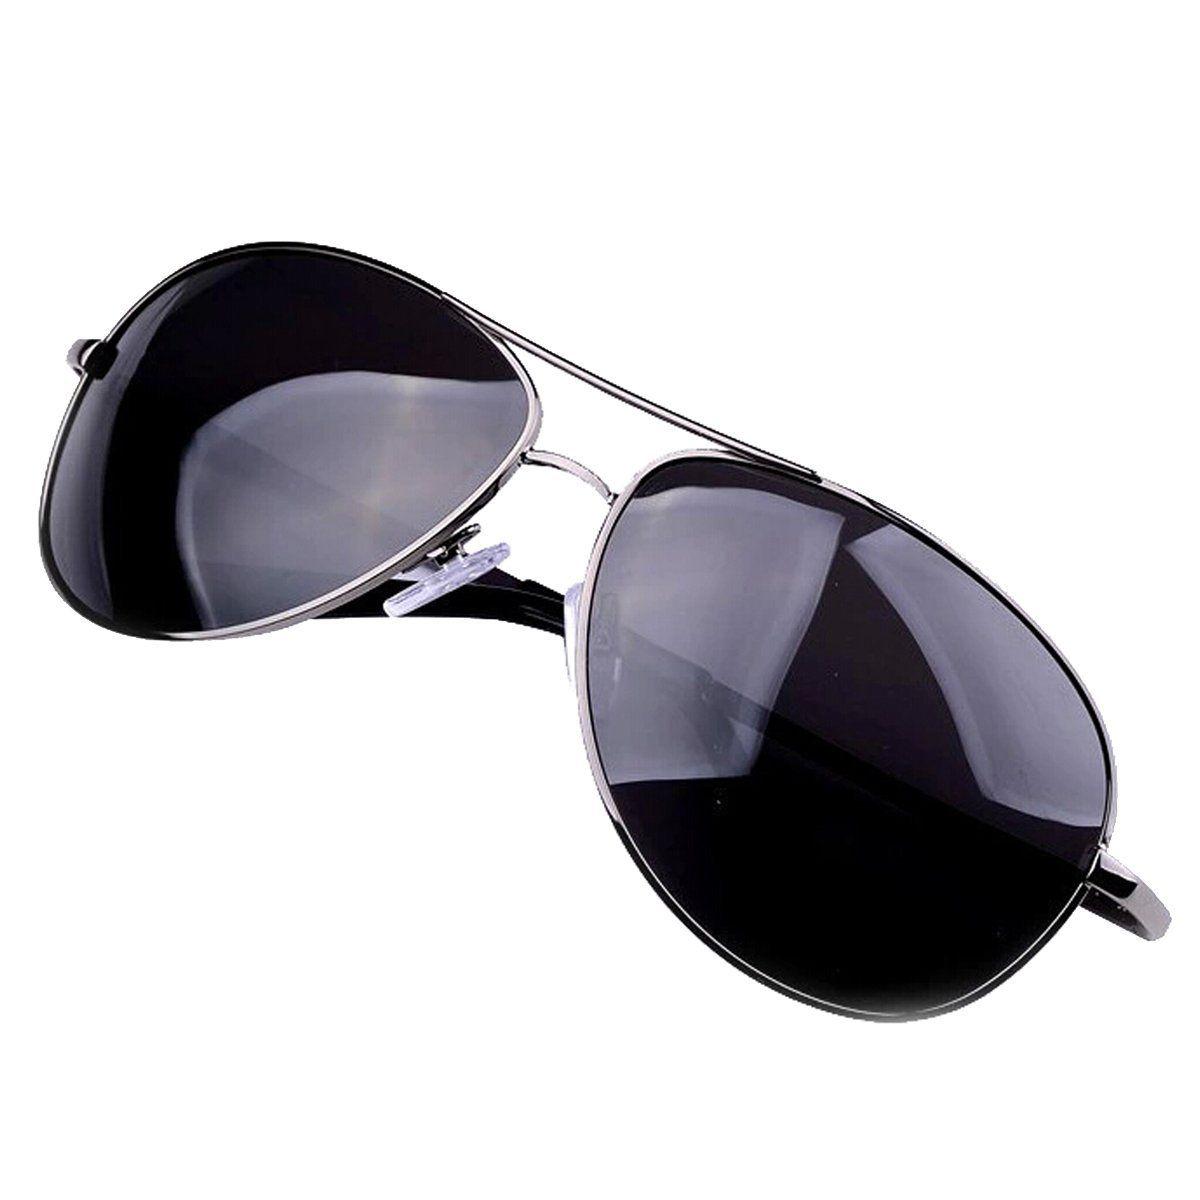 27da3f6223 Amazon.com  Aubig Men Premium Full Mirrored Aviator Sunglasses Flash Mirror  Lens with Case + Bag  Clothing